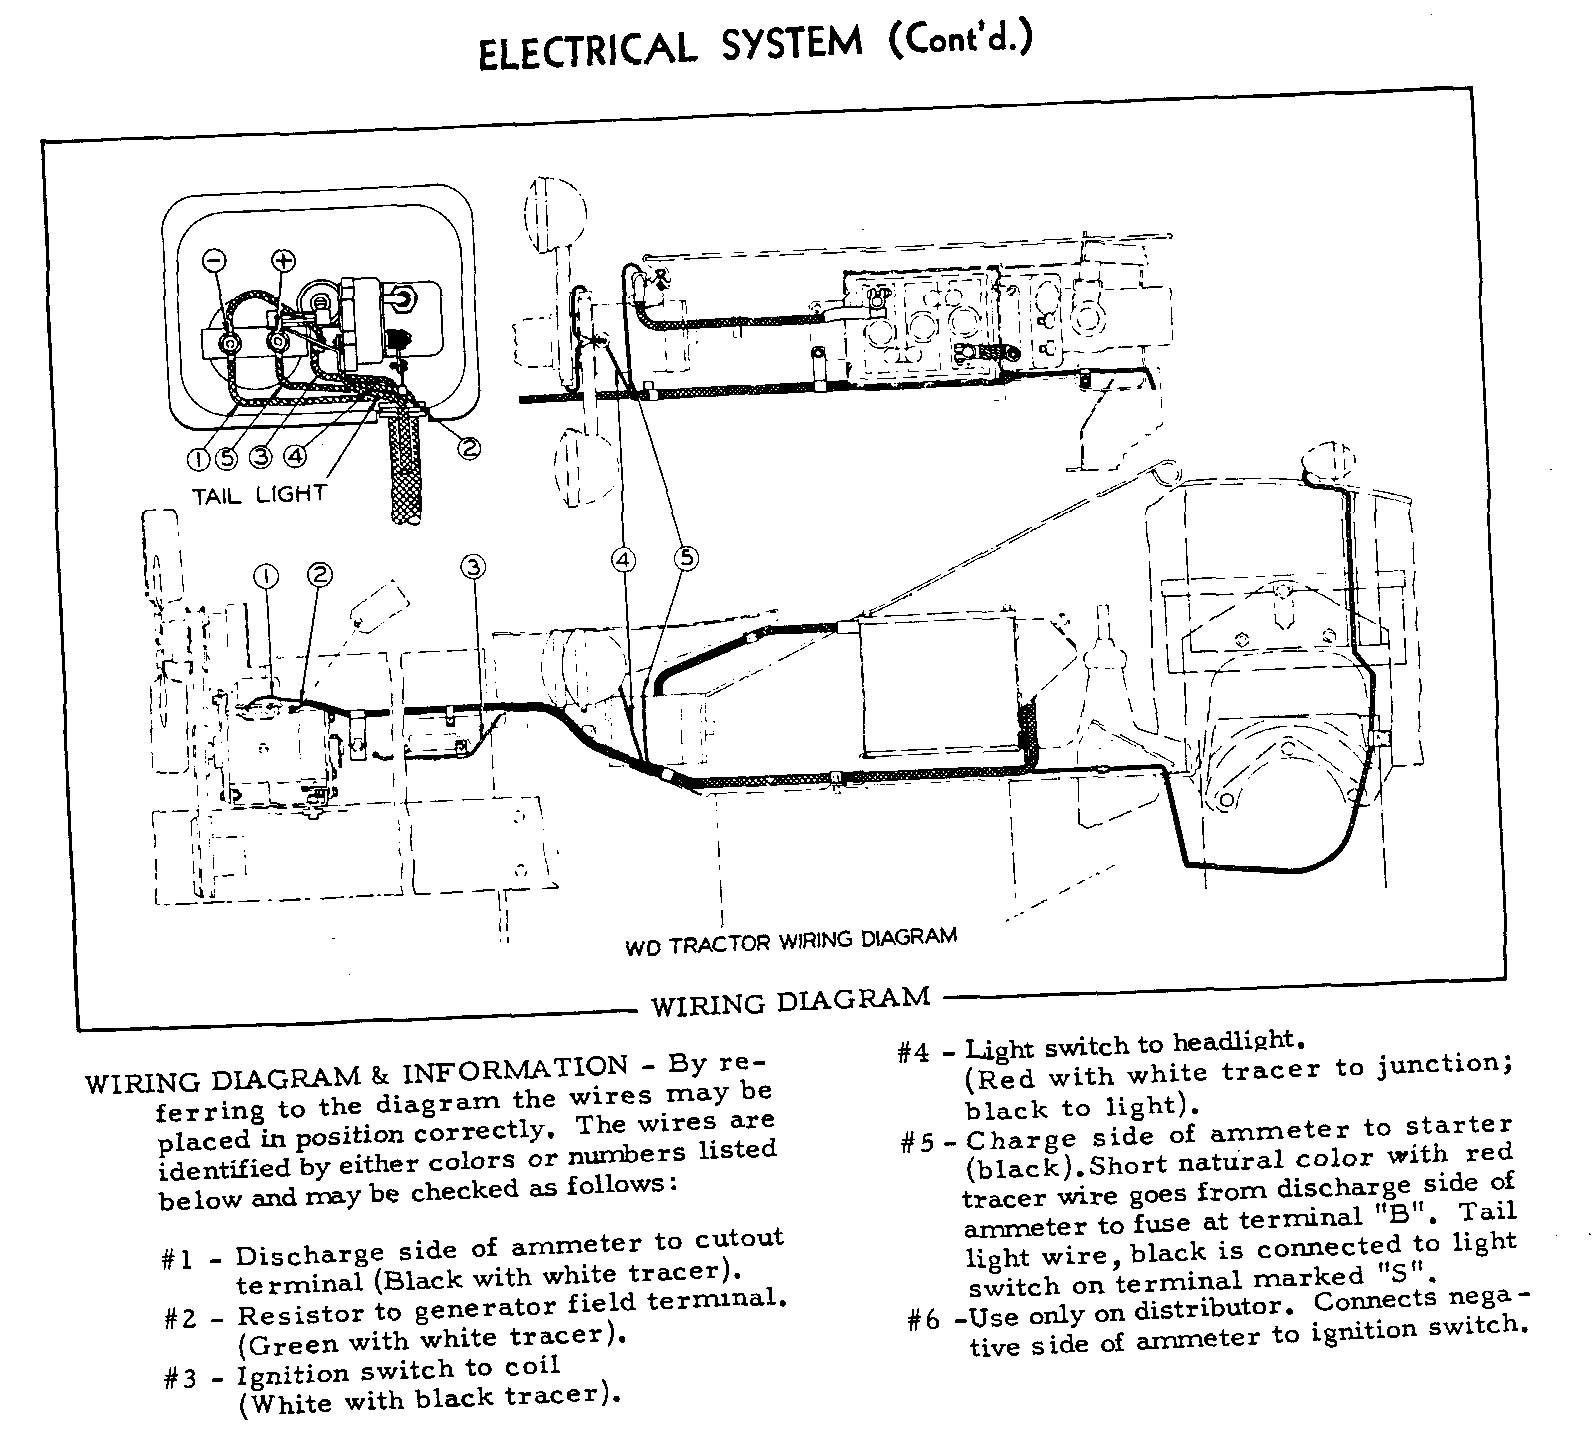 Diesel Engine Starter Wiring Diagram Universal Ignition Switch Wiring Diagram Elegant Engine Wiring Of Diesel Engine Starter Wiring Diagram